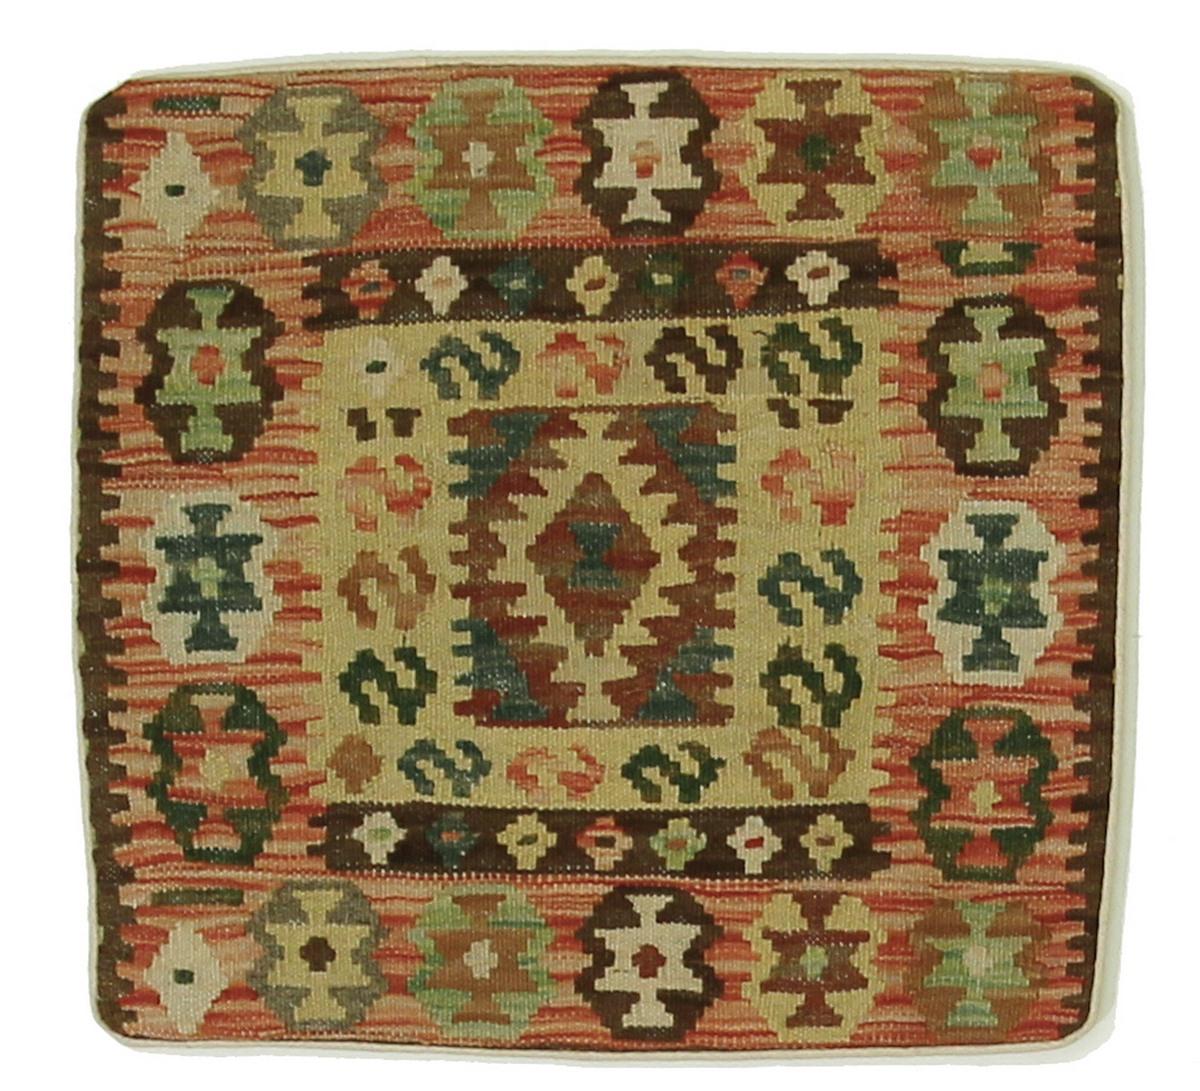 kelim kissen afghanischer teppich 50x50 id17082 kaufen sie ihren orientteppich kelim teppich. Black Bedroom Furniture Sets. Home Design Ideas